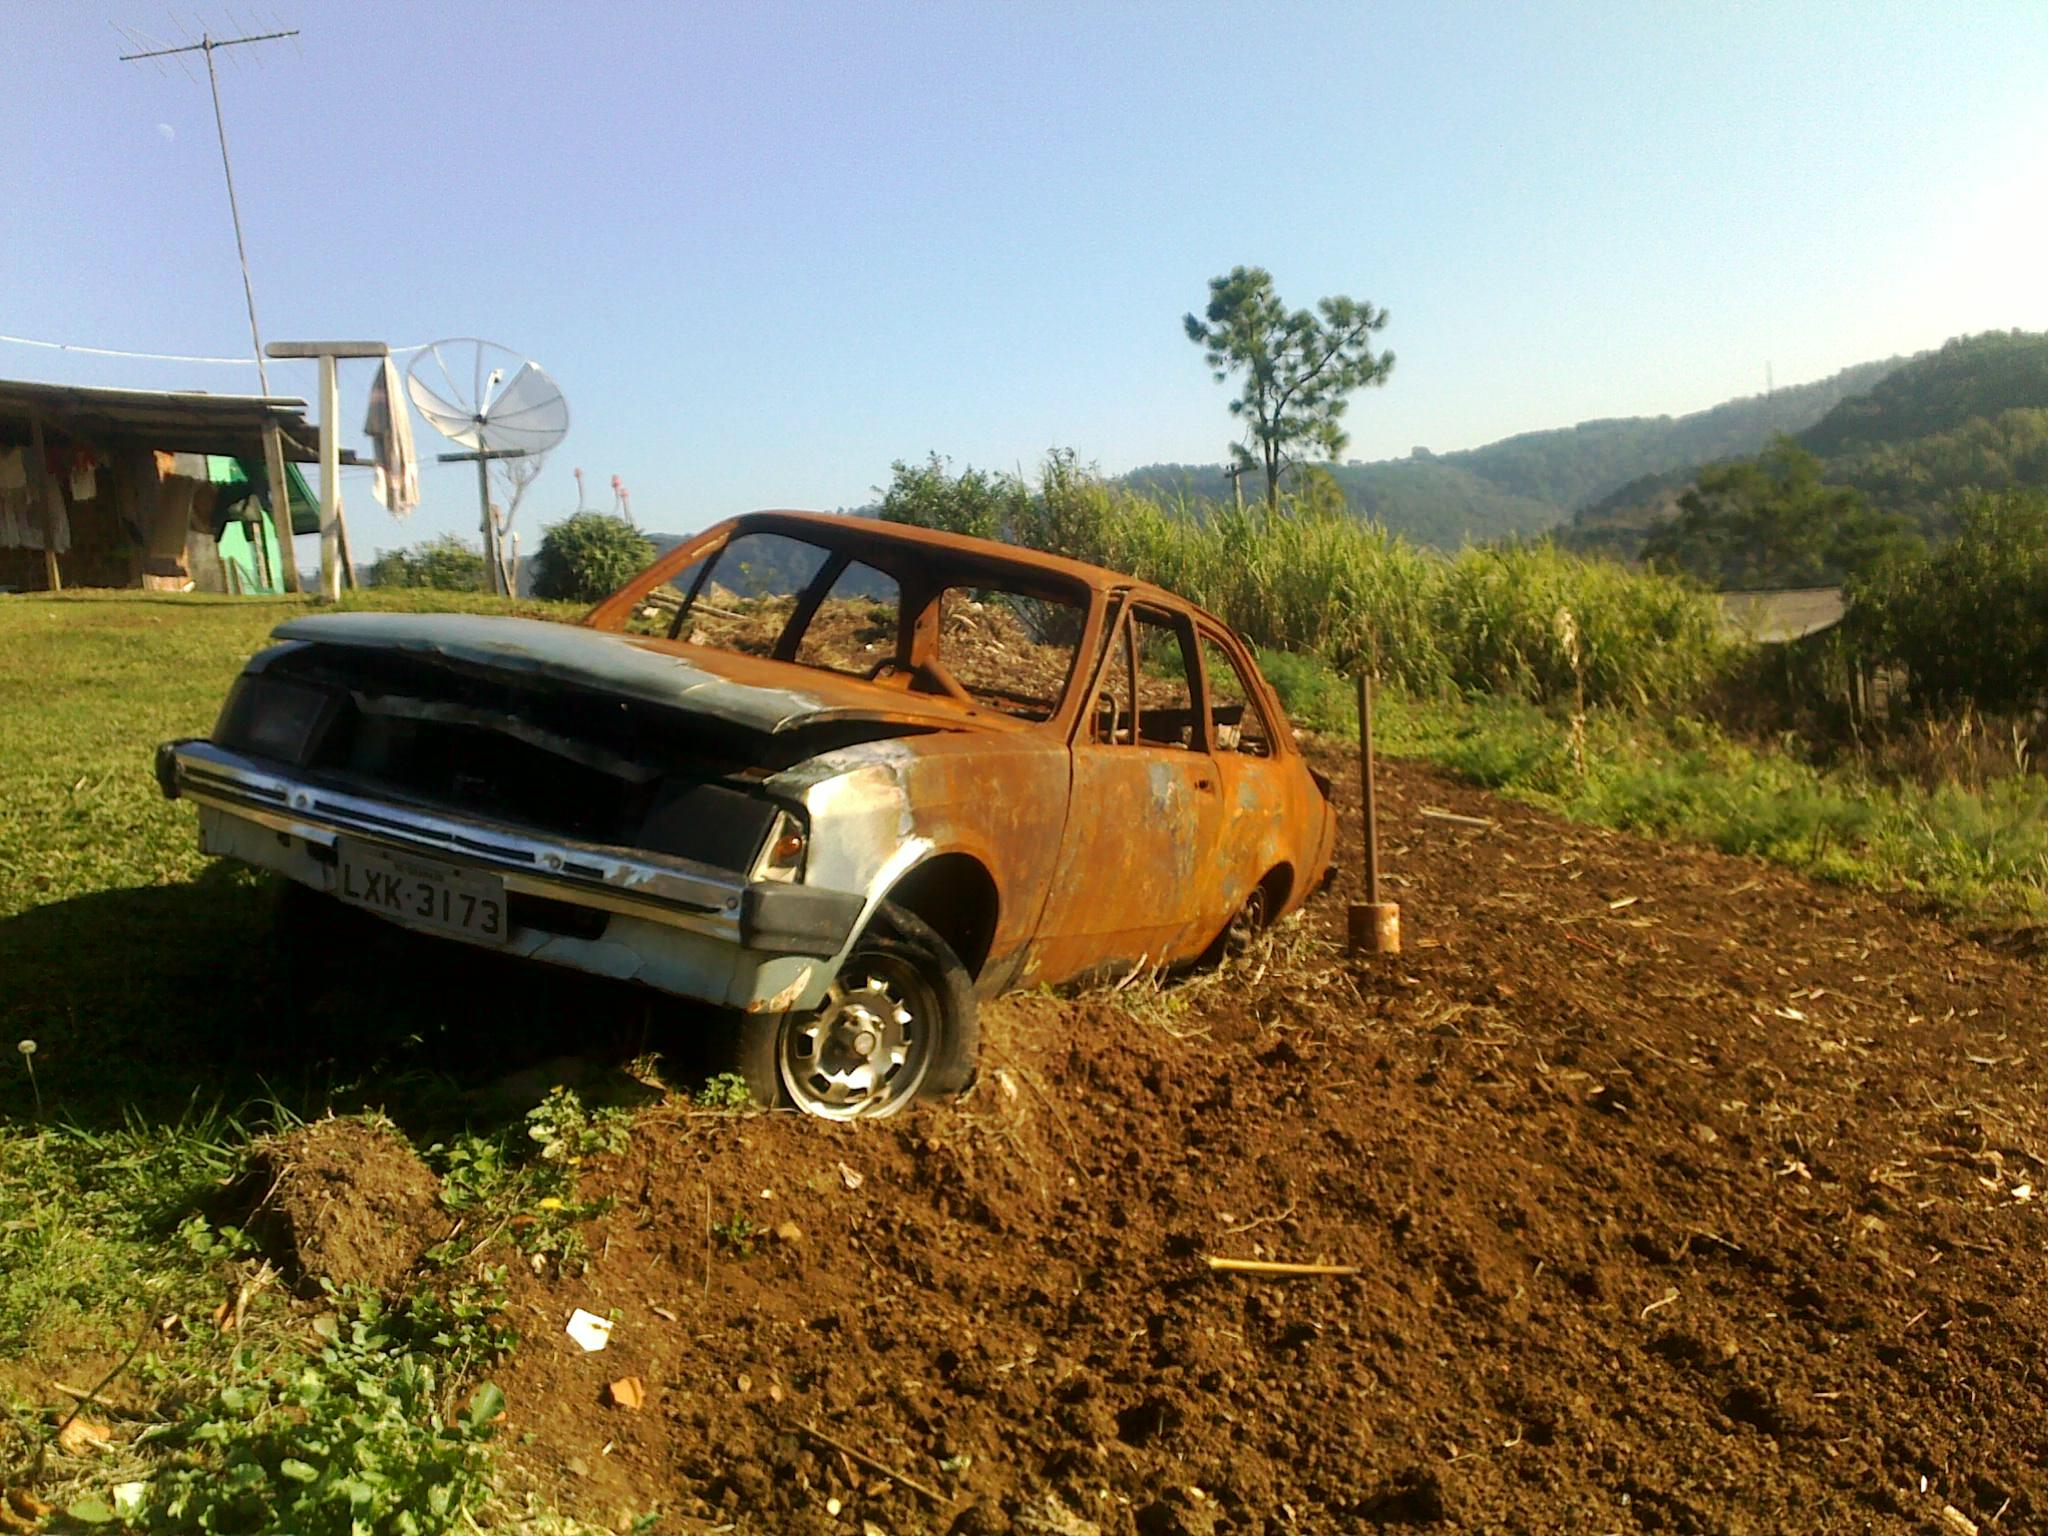 ugenaro_chevette_incendiado_gramado Chevrolet Chevette